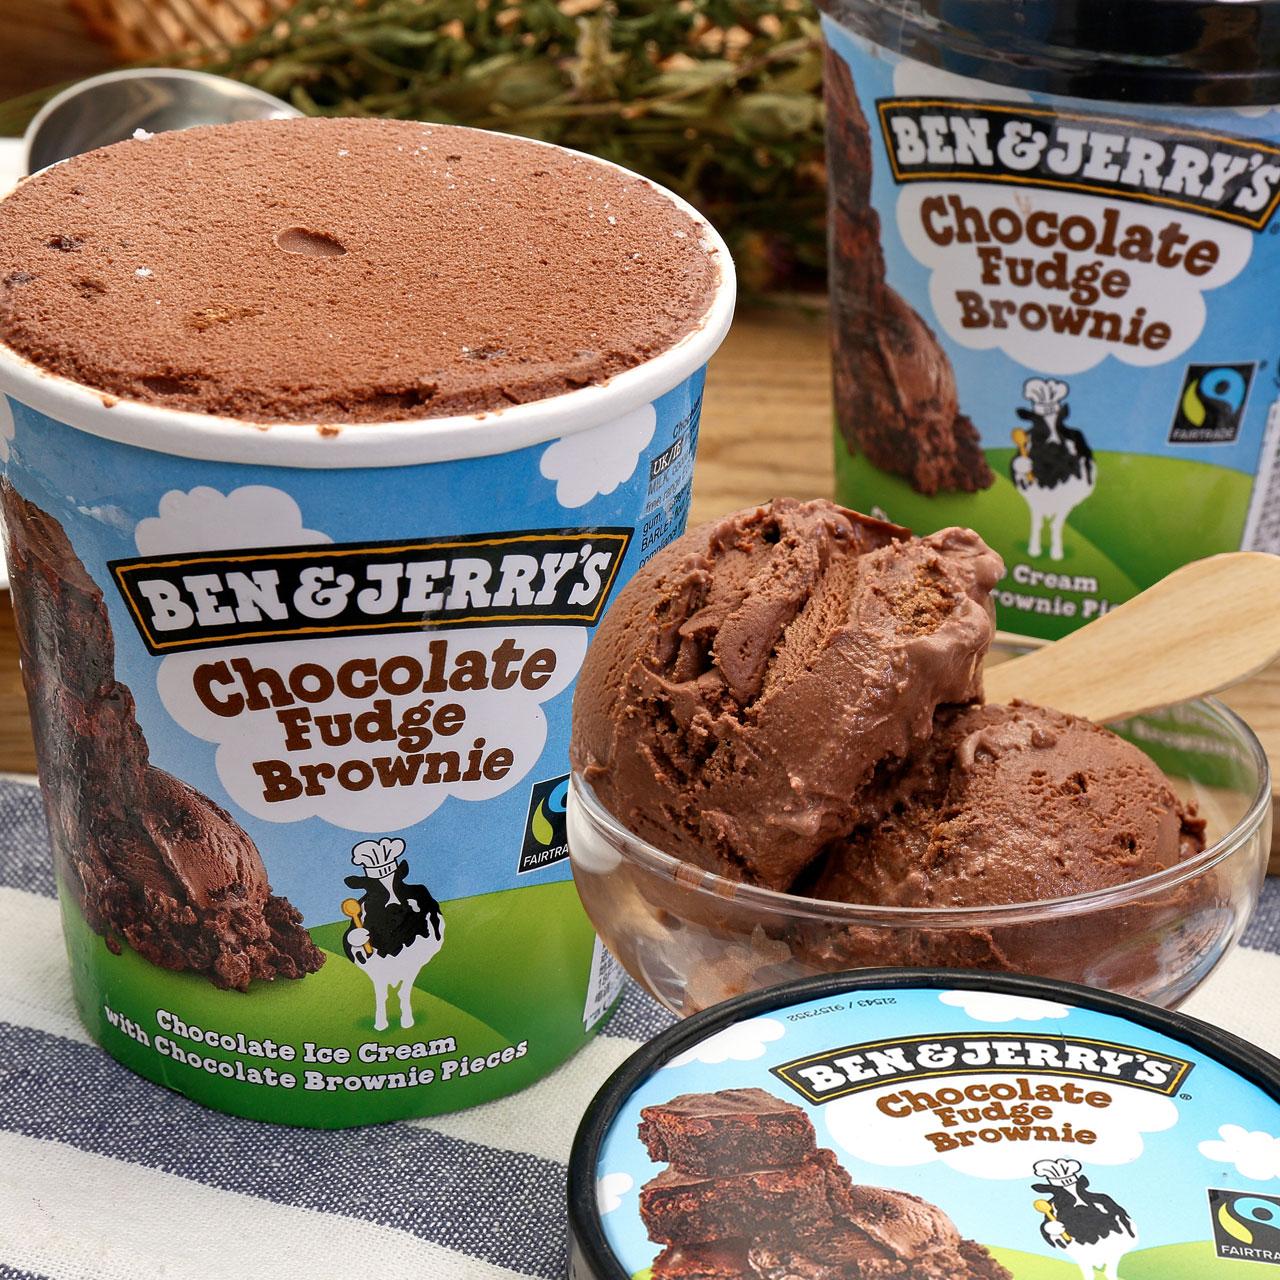 英国进口,Ben&Jerry's 本杰瑞 焦糖/巧克力布朗尼冰淇淋 500ml*2桶